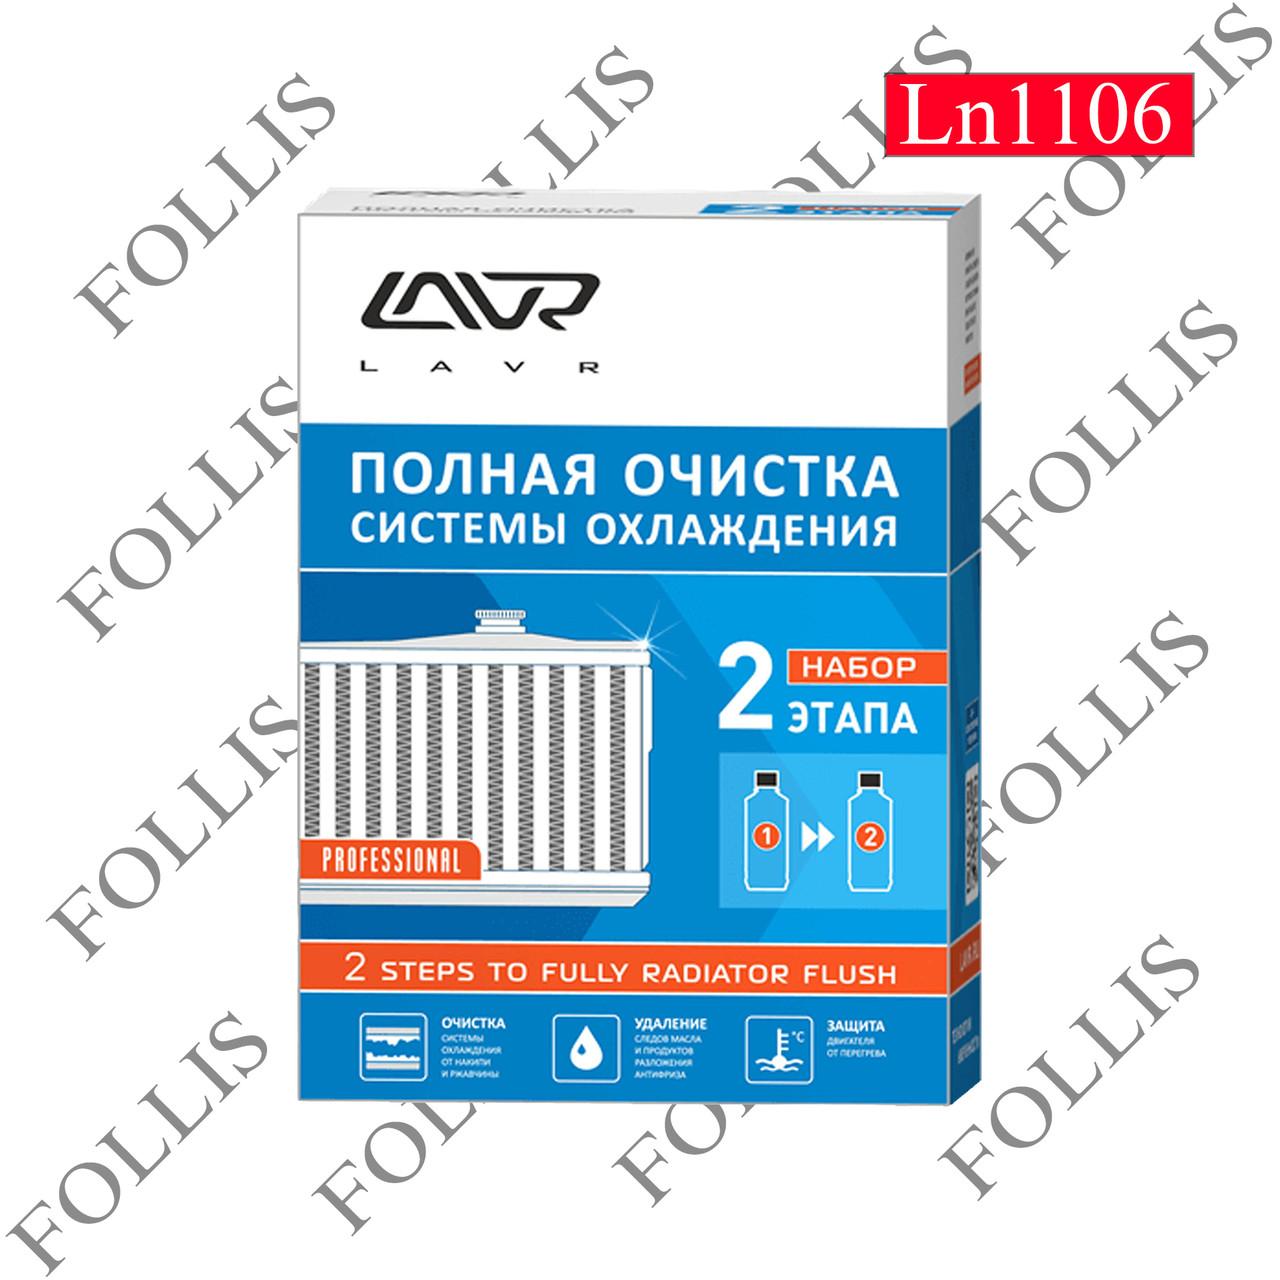 """Набор """"Полная очистка системы охлаждения в 2 этапа"""" LAVR 2 steps to fully radiator flush 310мл/ 310м"""